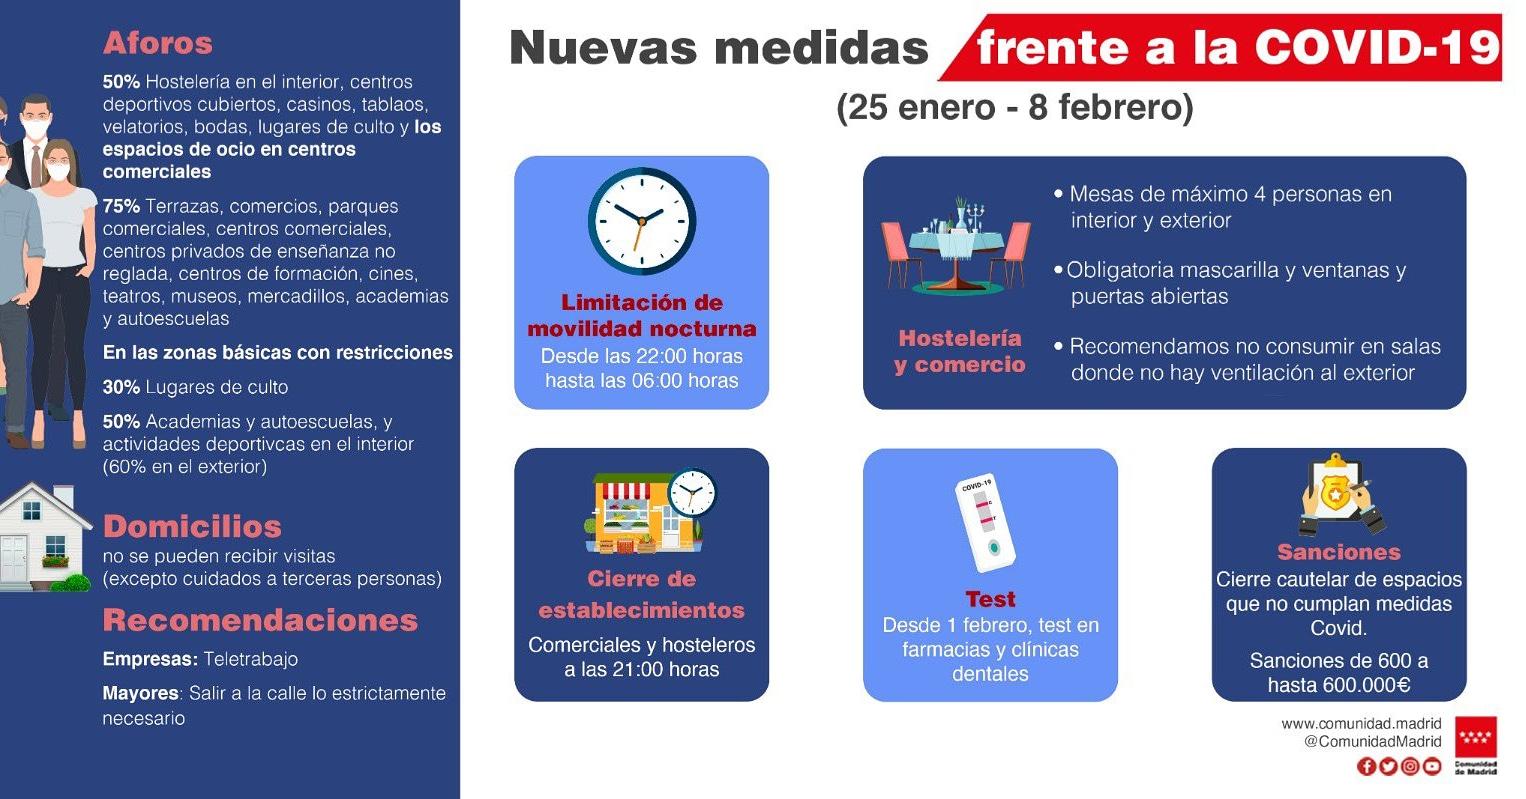 La Comunidad de Madrid amplía el horario de las restricciones de movilidad nocturna desde las 22:00 hasta las 6:00 [...]